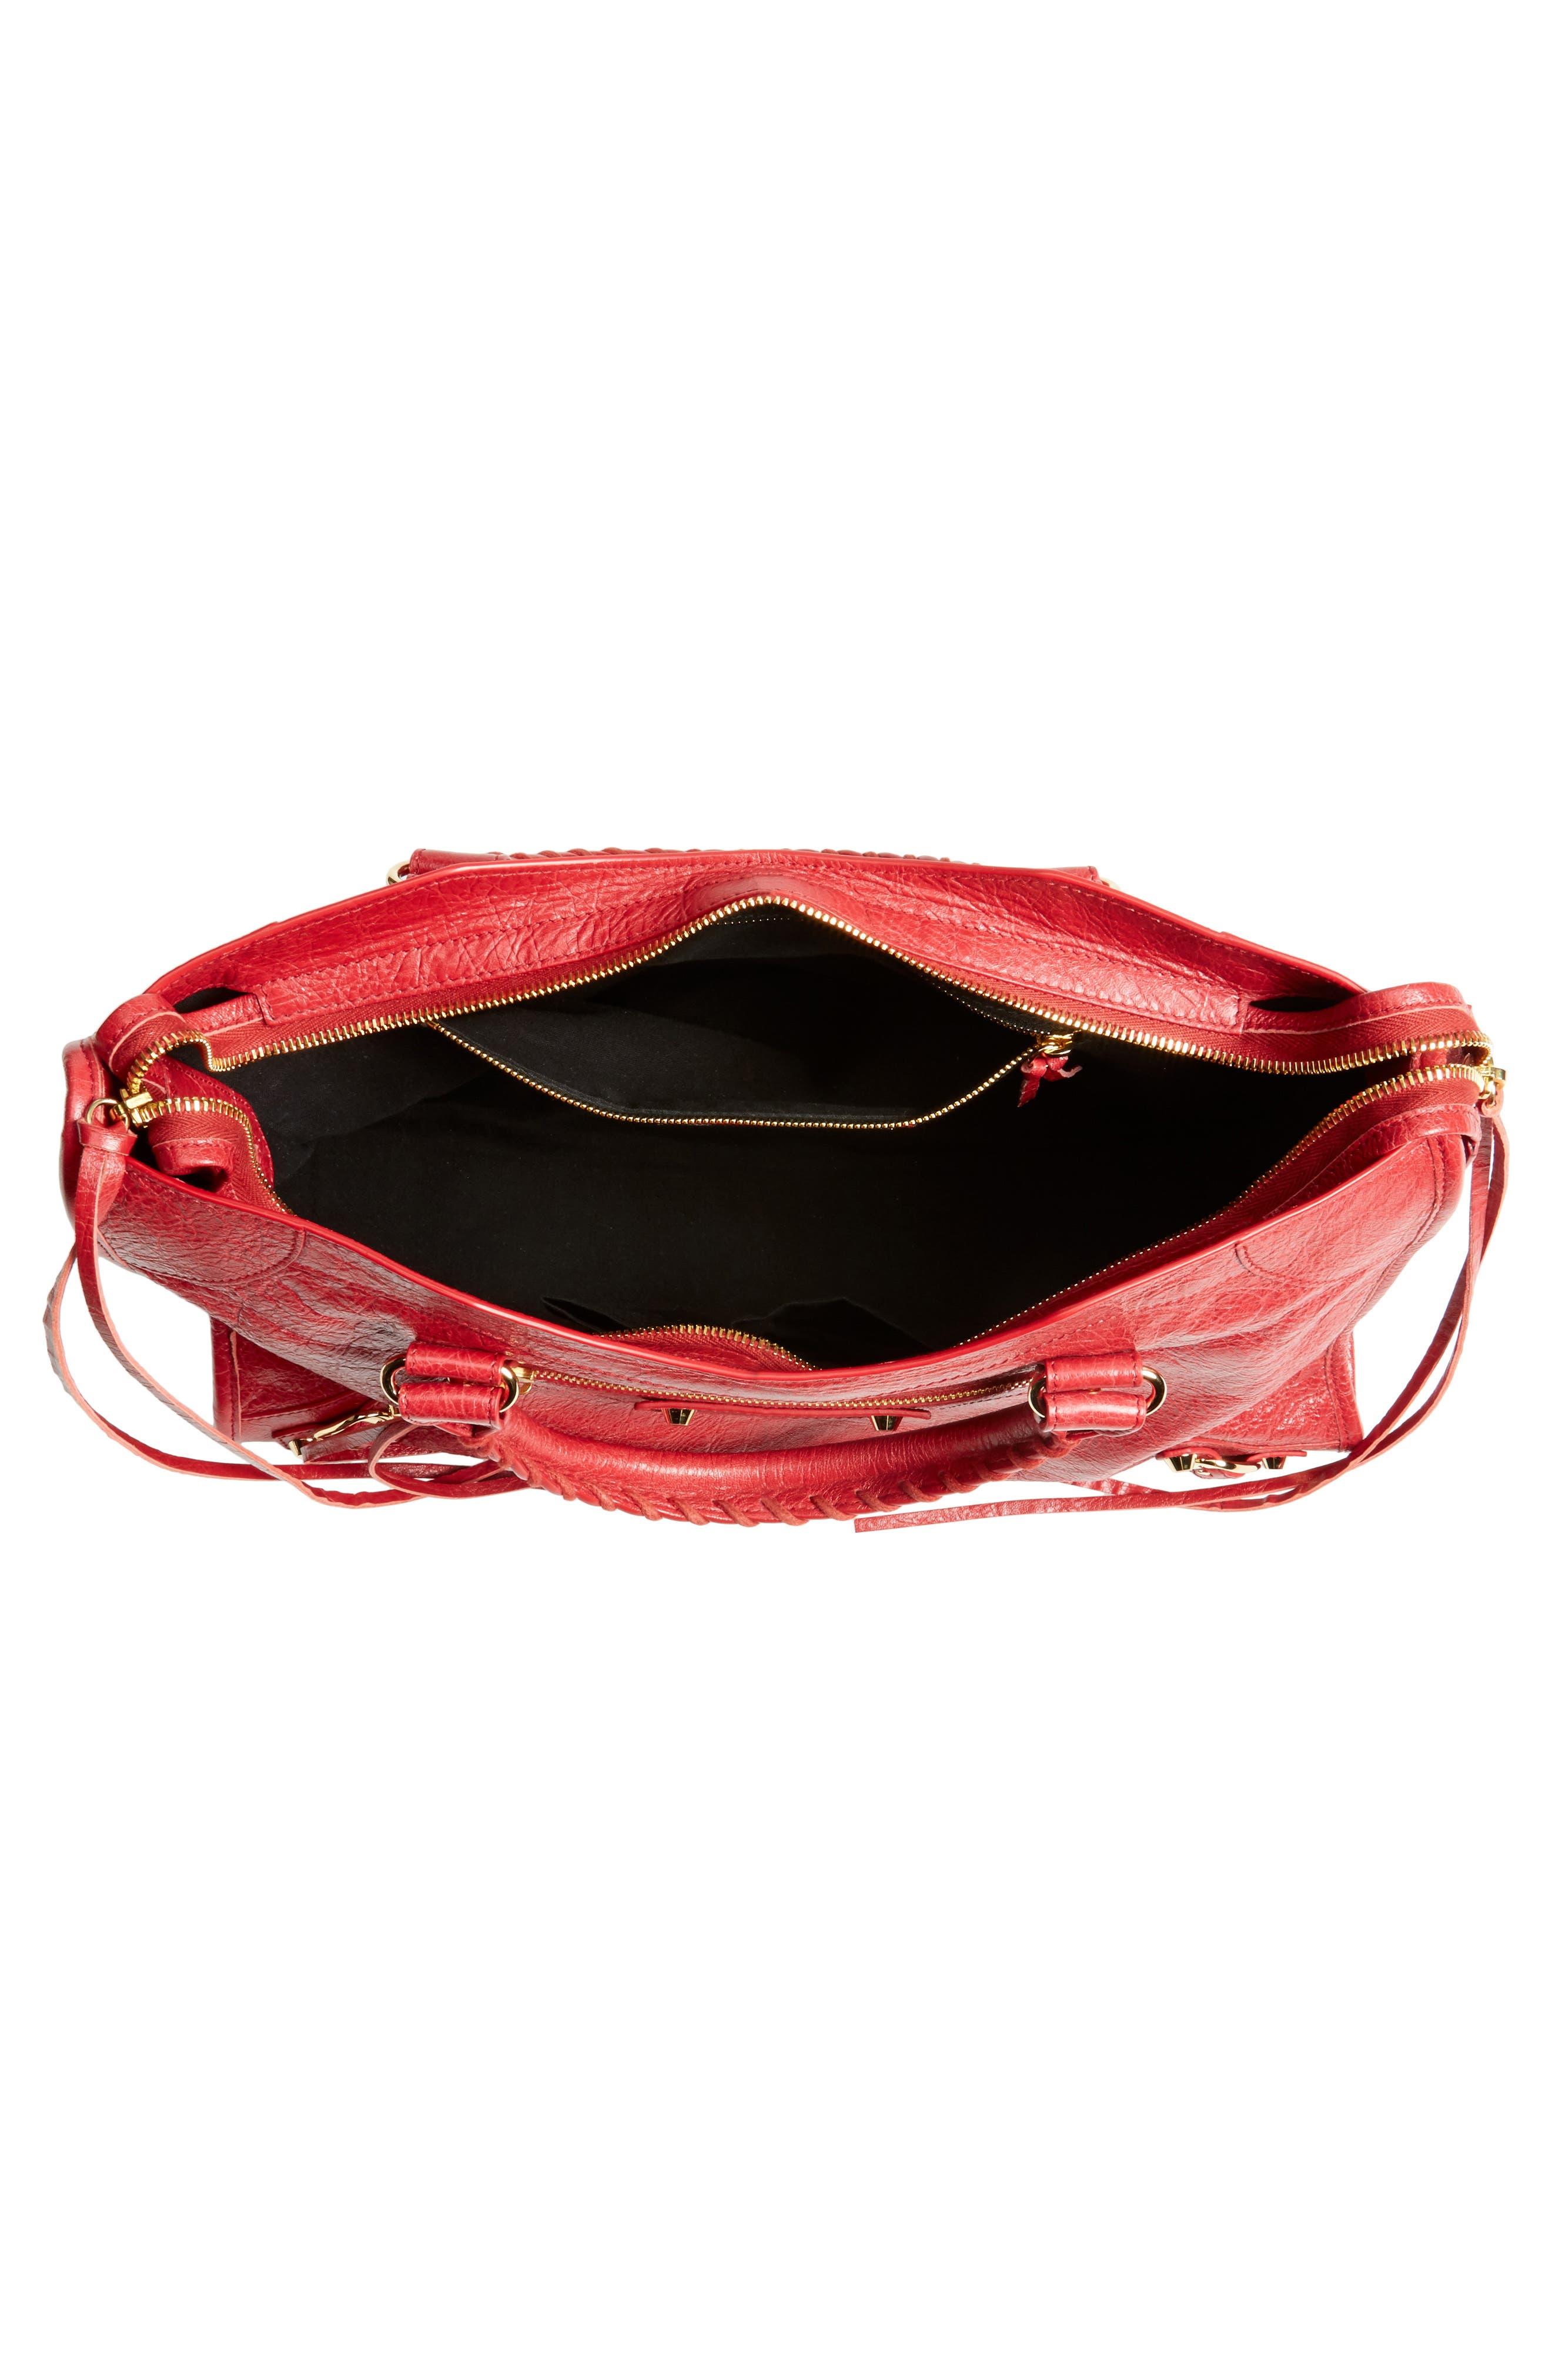 Classic City Bag,                             Alternate thumbnail 4, color,                             6270 Rouge Saffron/Dk Sang